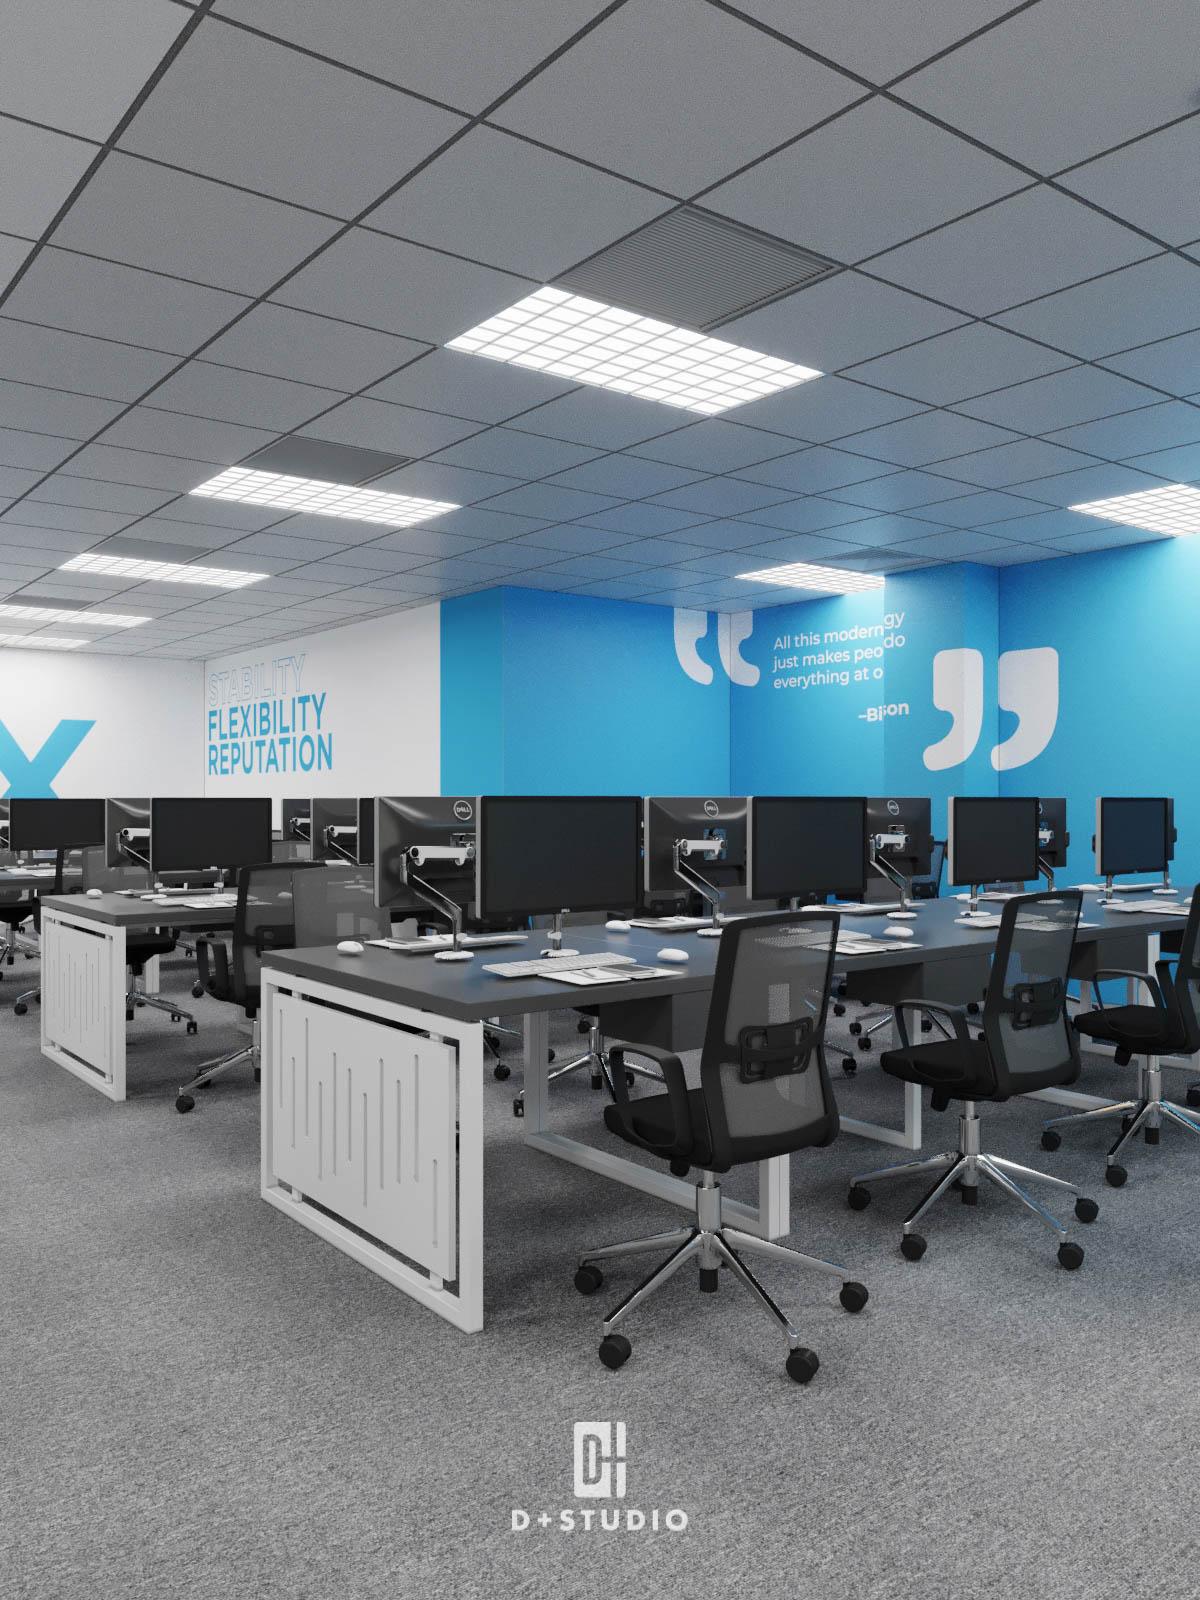 Khu vực làm việc của văn phòng CMC Global T10 Samsung sử dụng gam màu xanh nhạt tạo cảm giác ổn định, thư giãn